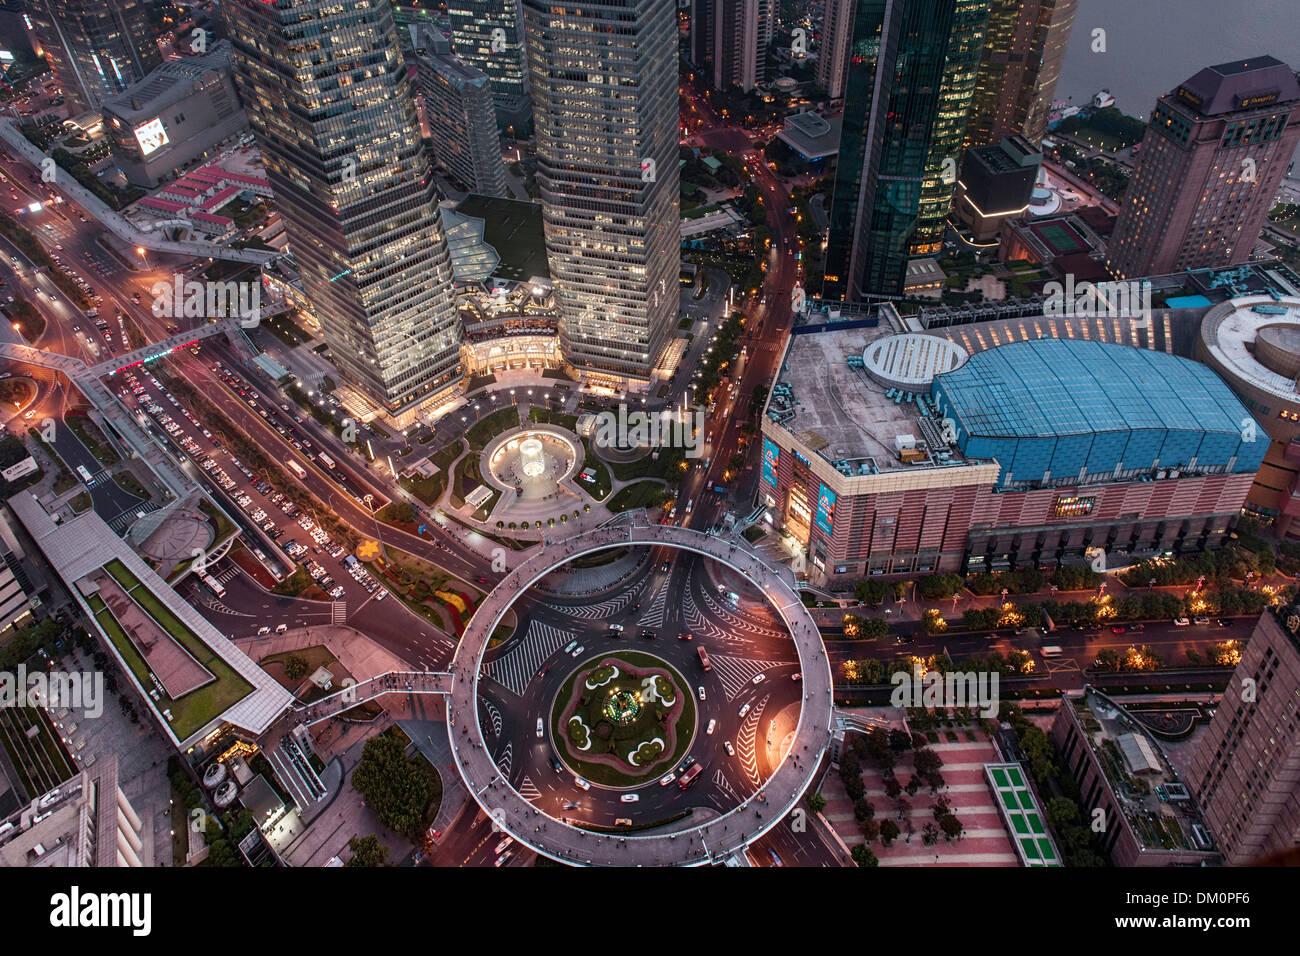 Cityscape, vue d'IFC, SWFC, Centre mondial des finances de Shanghai, tour Jin Mao la nuit, Lujiazui, Pudong, Shanghai, Chine Photo Stock